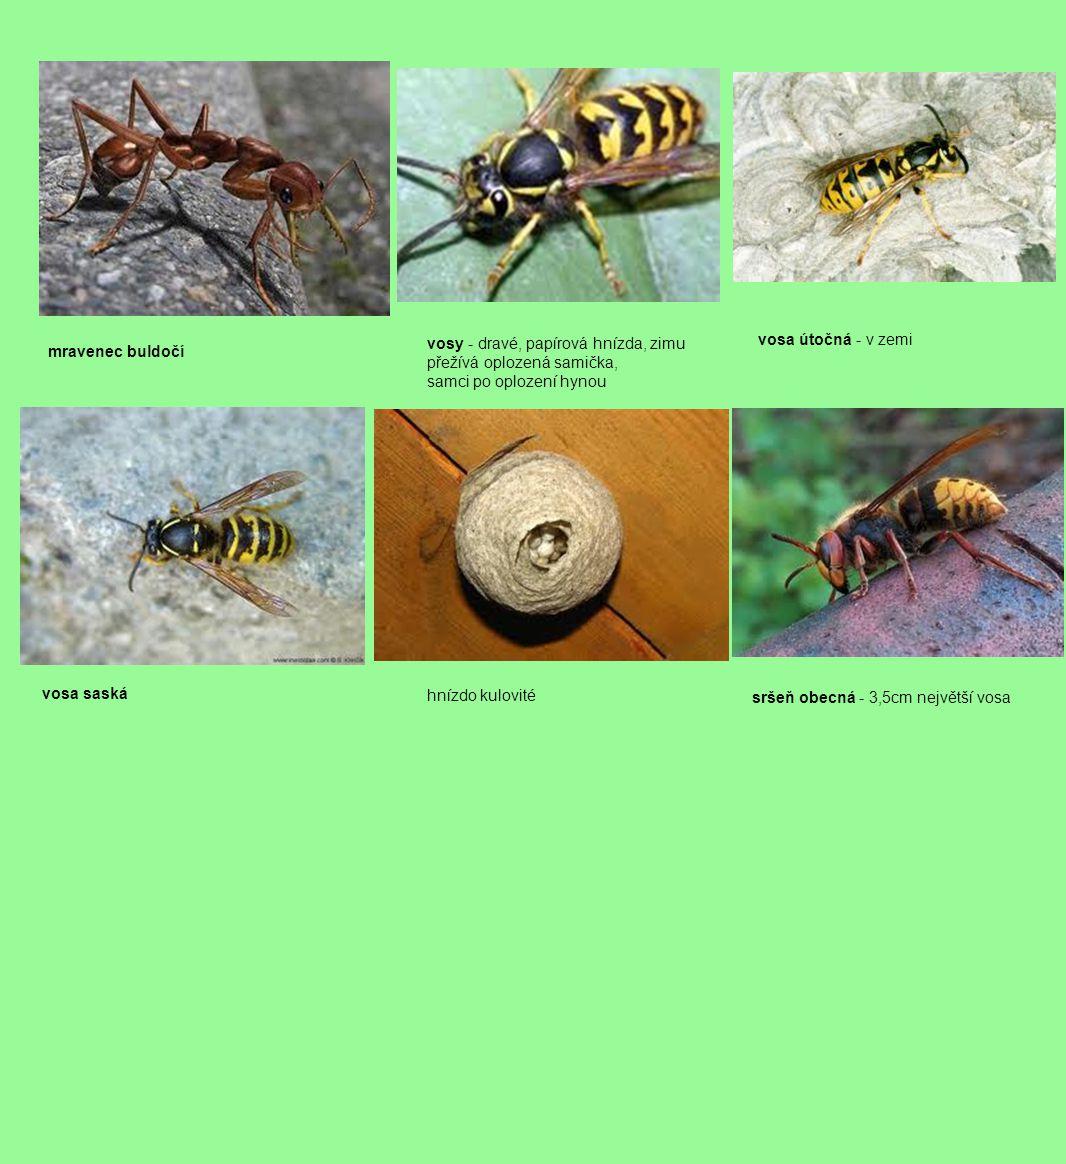 mravenec buldočí vosy - dravé, papírová hnízda, zimu přežívá oplozená samička, samci po oplození hynou vosa útočná - v zemi vosa saská hnízdo kulovité